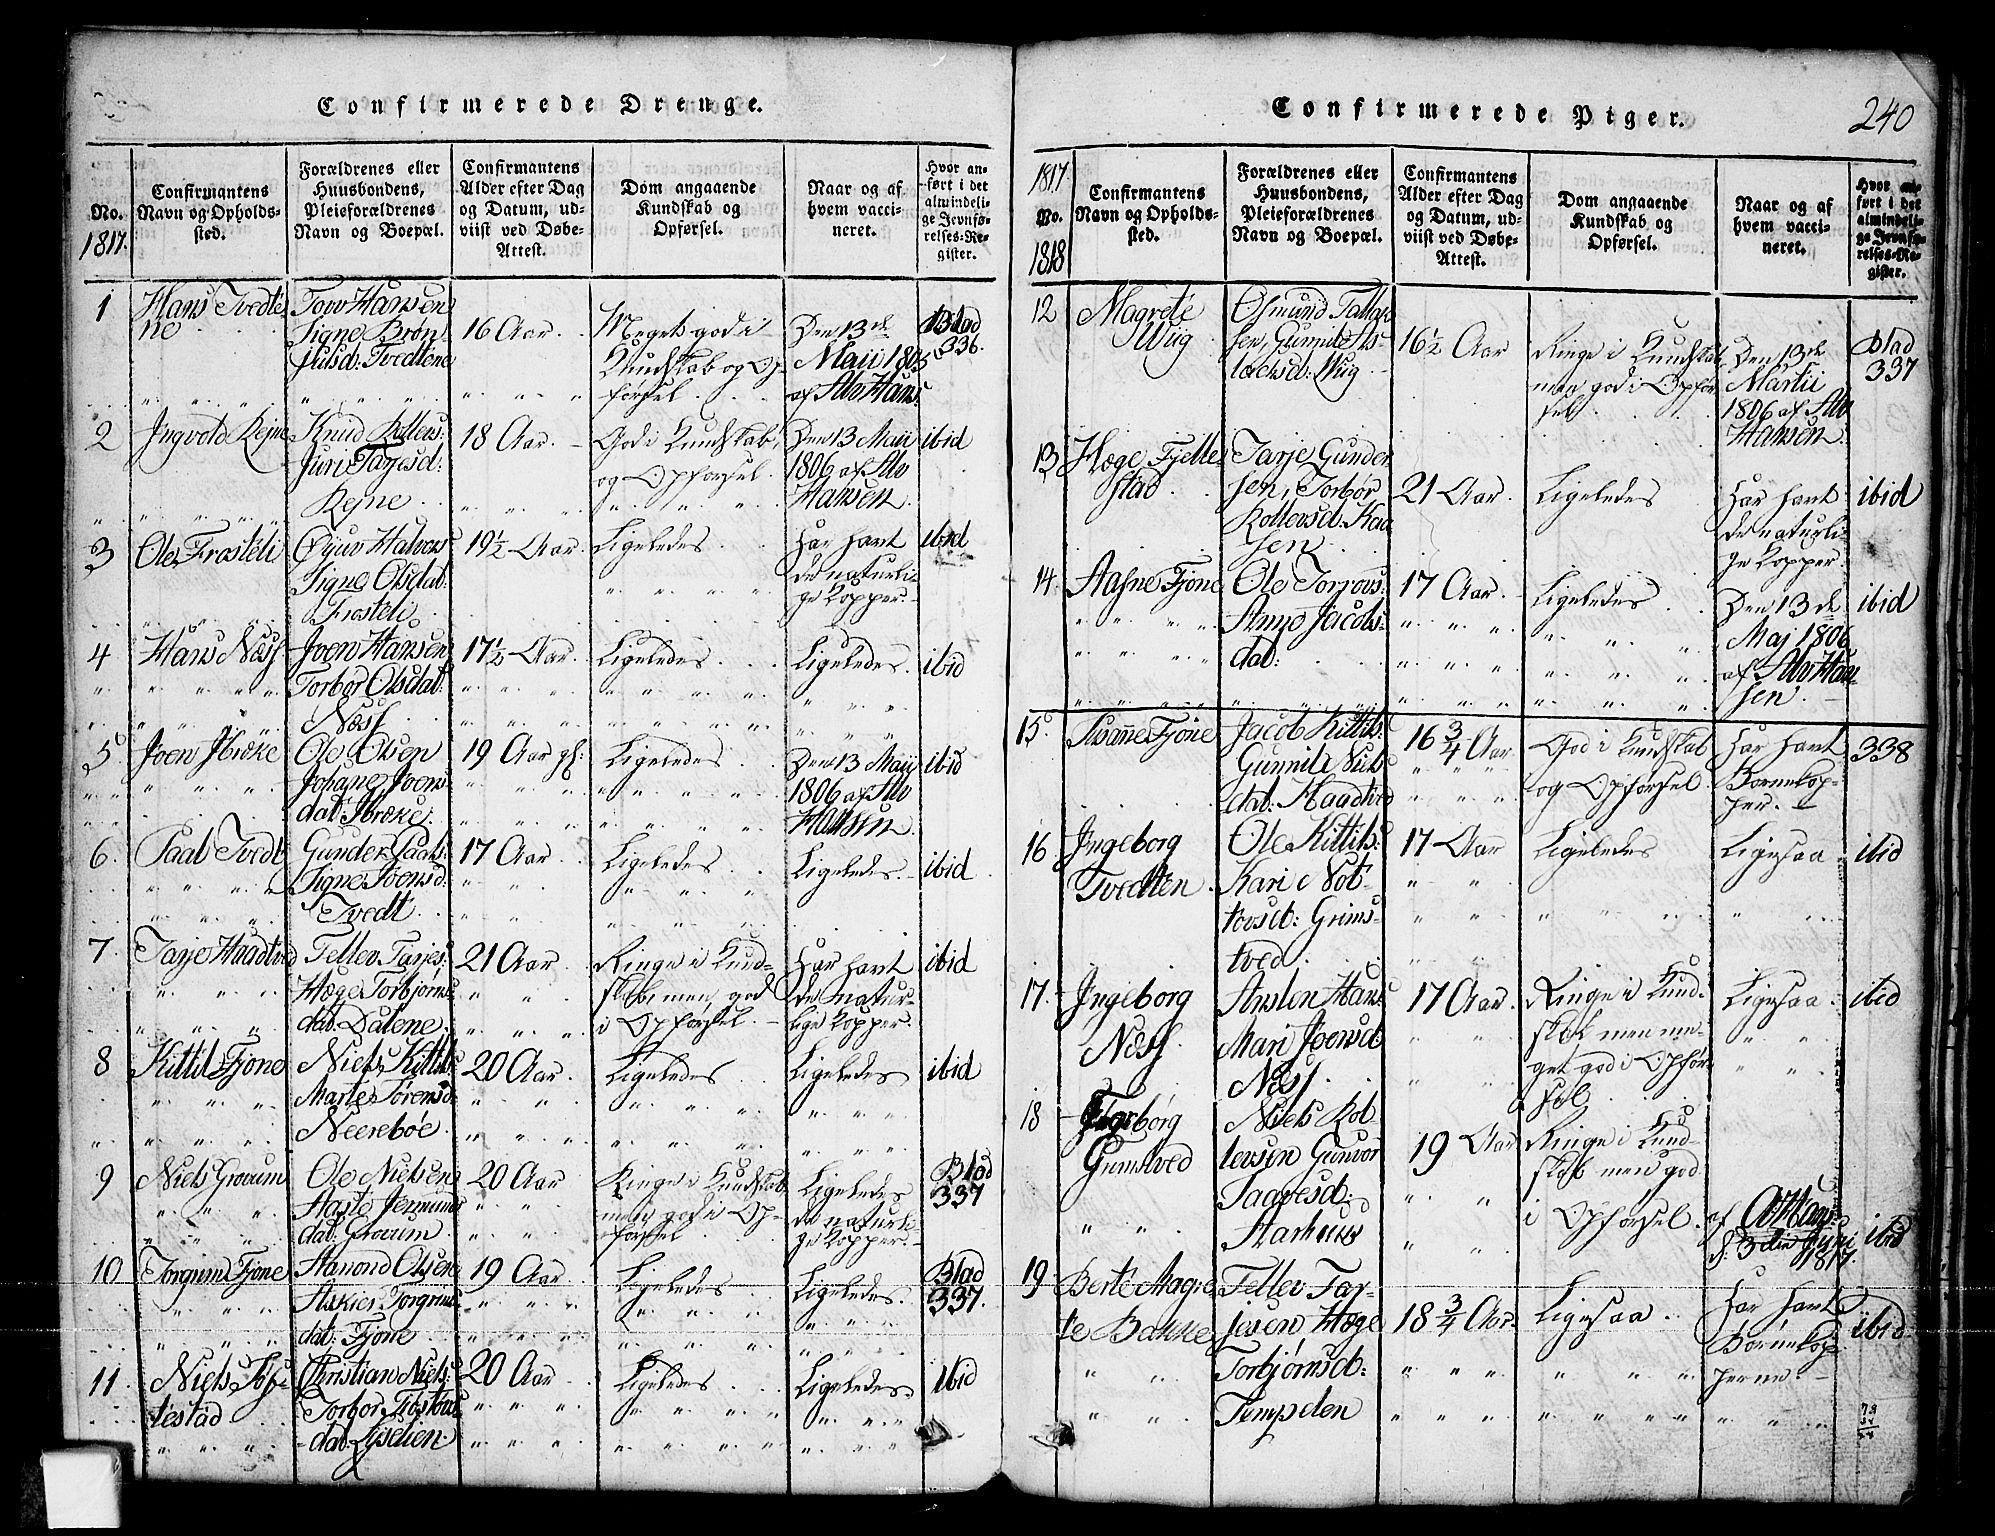 SAKO, Nissedal kirkebøker, G/Ga/L0001: Klokkerbok nr. I 1, 1814-1860, s. 240